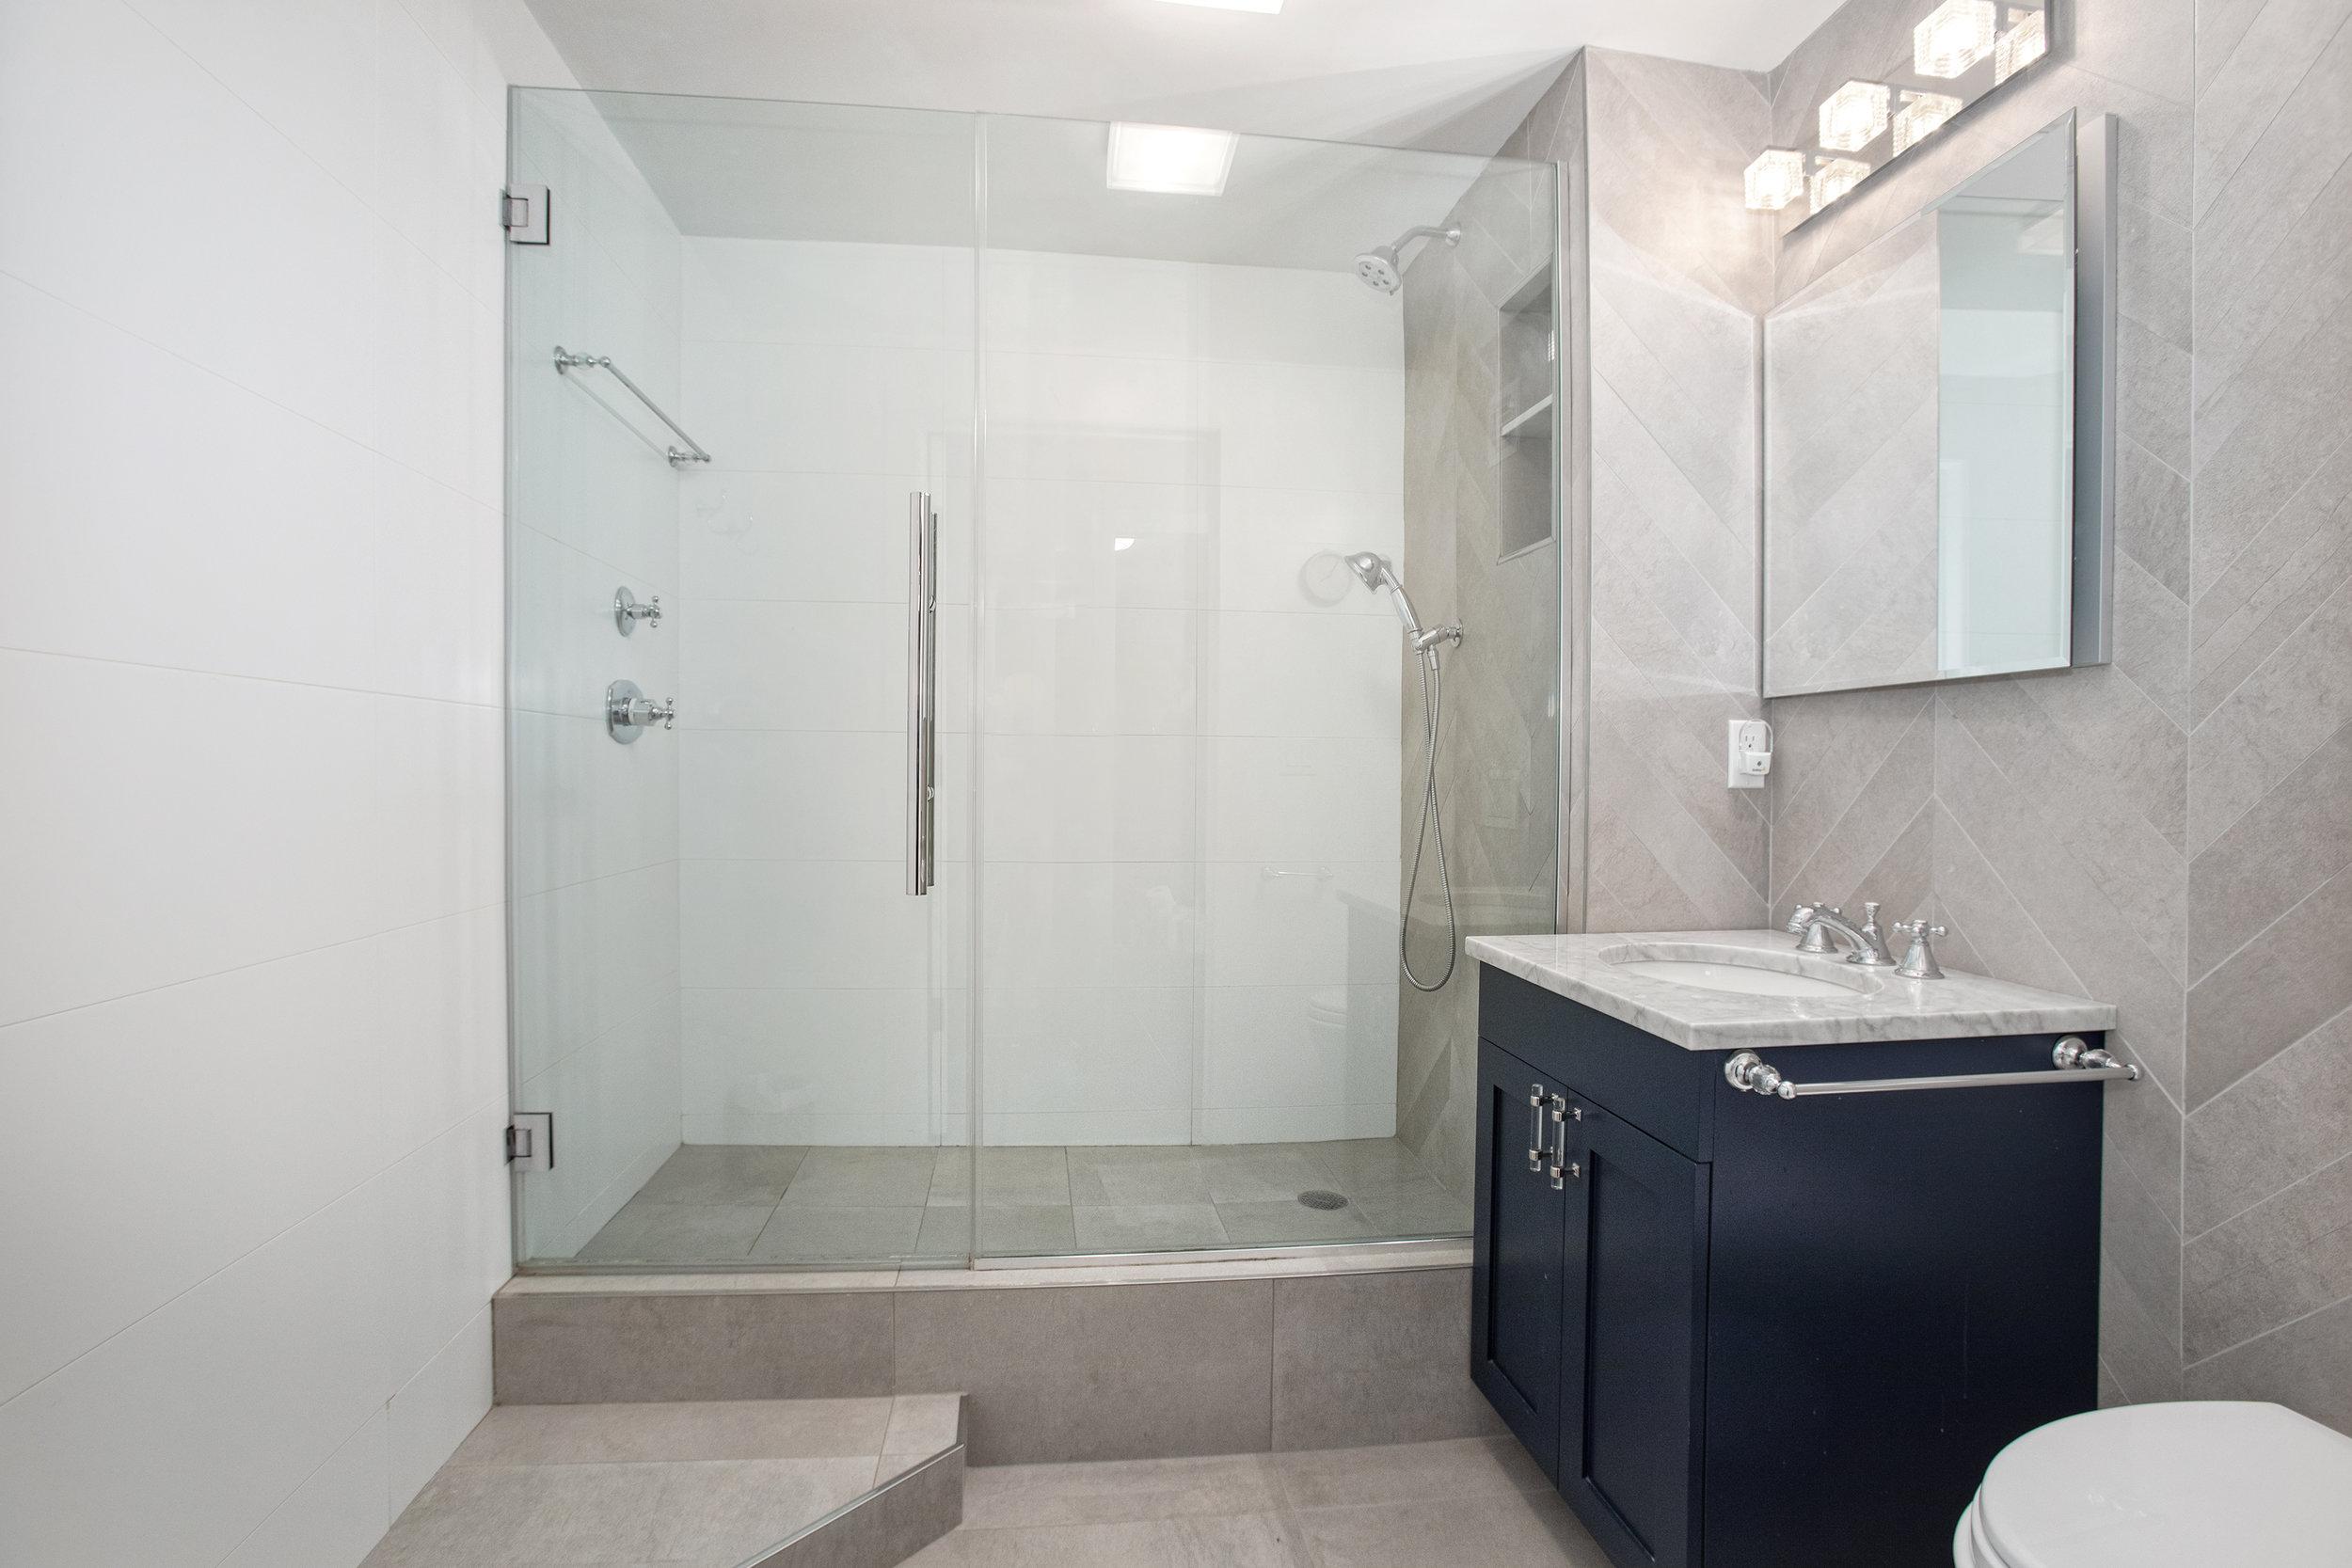 205_3rdave7l-bath2.jpg